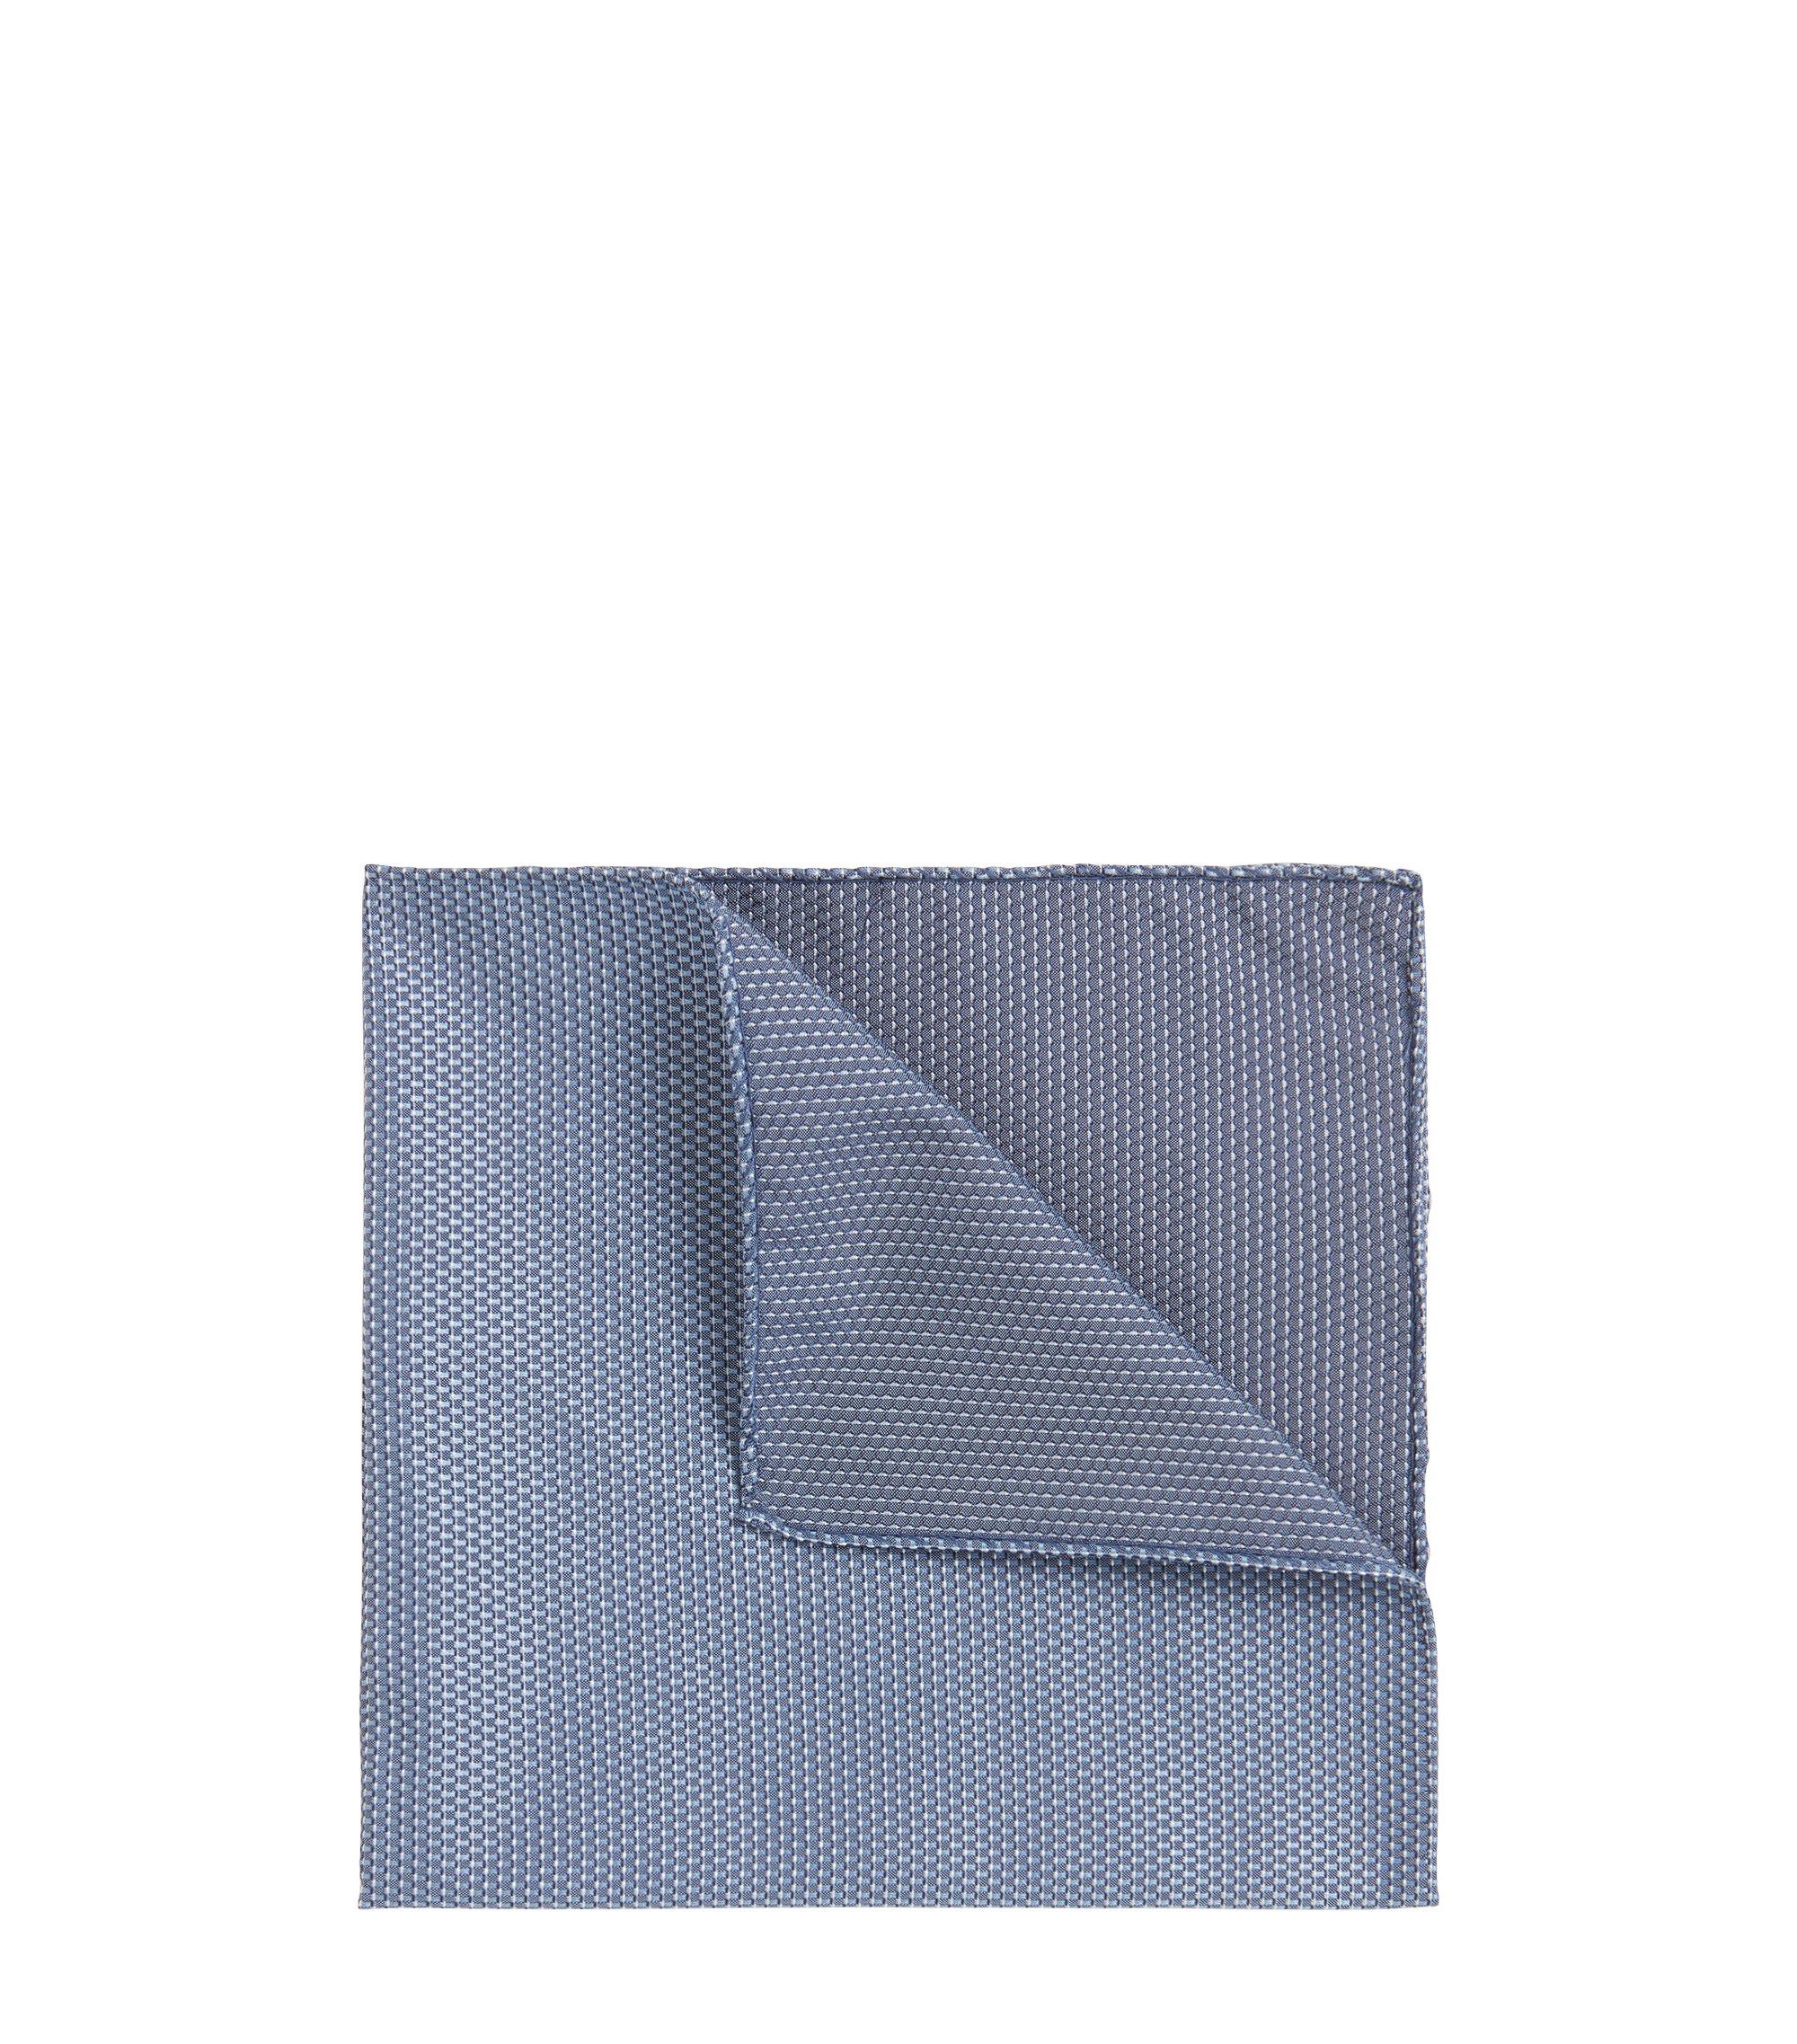 Pochette da taschino reversibile in seta jacquard con microdisegno, Blu scuro